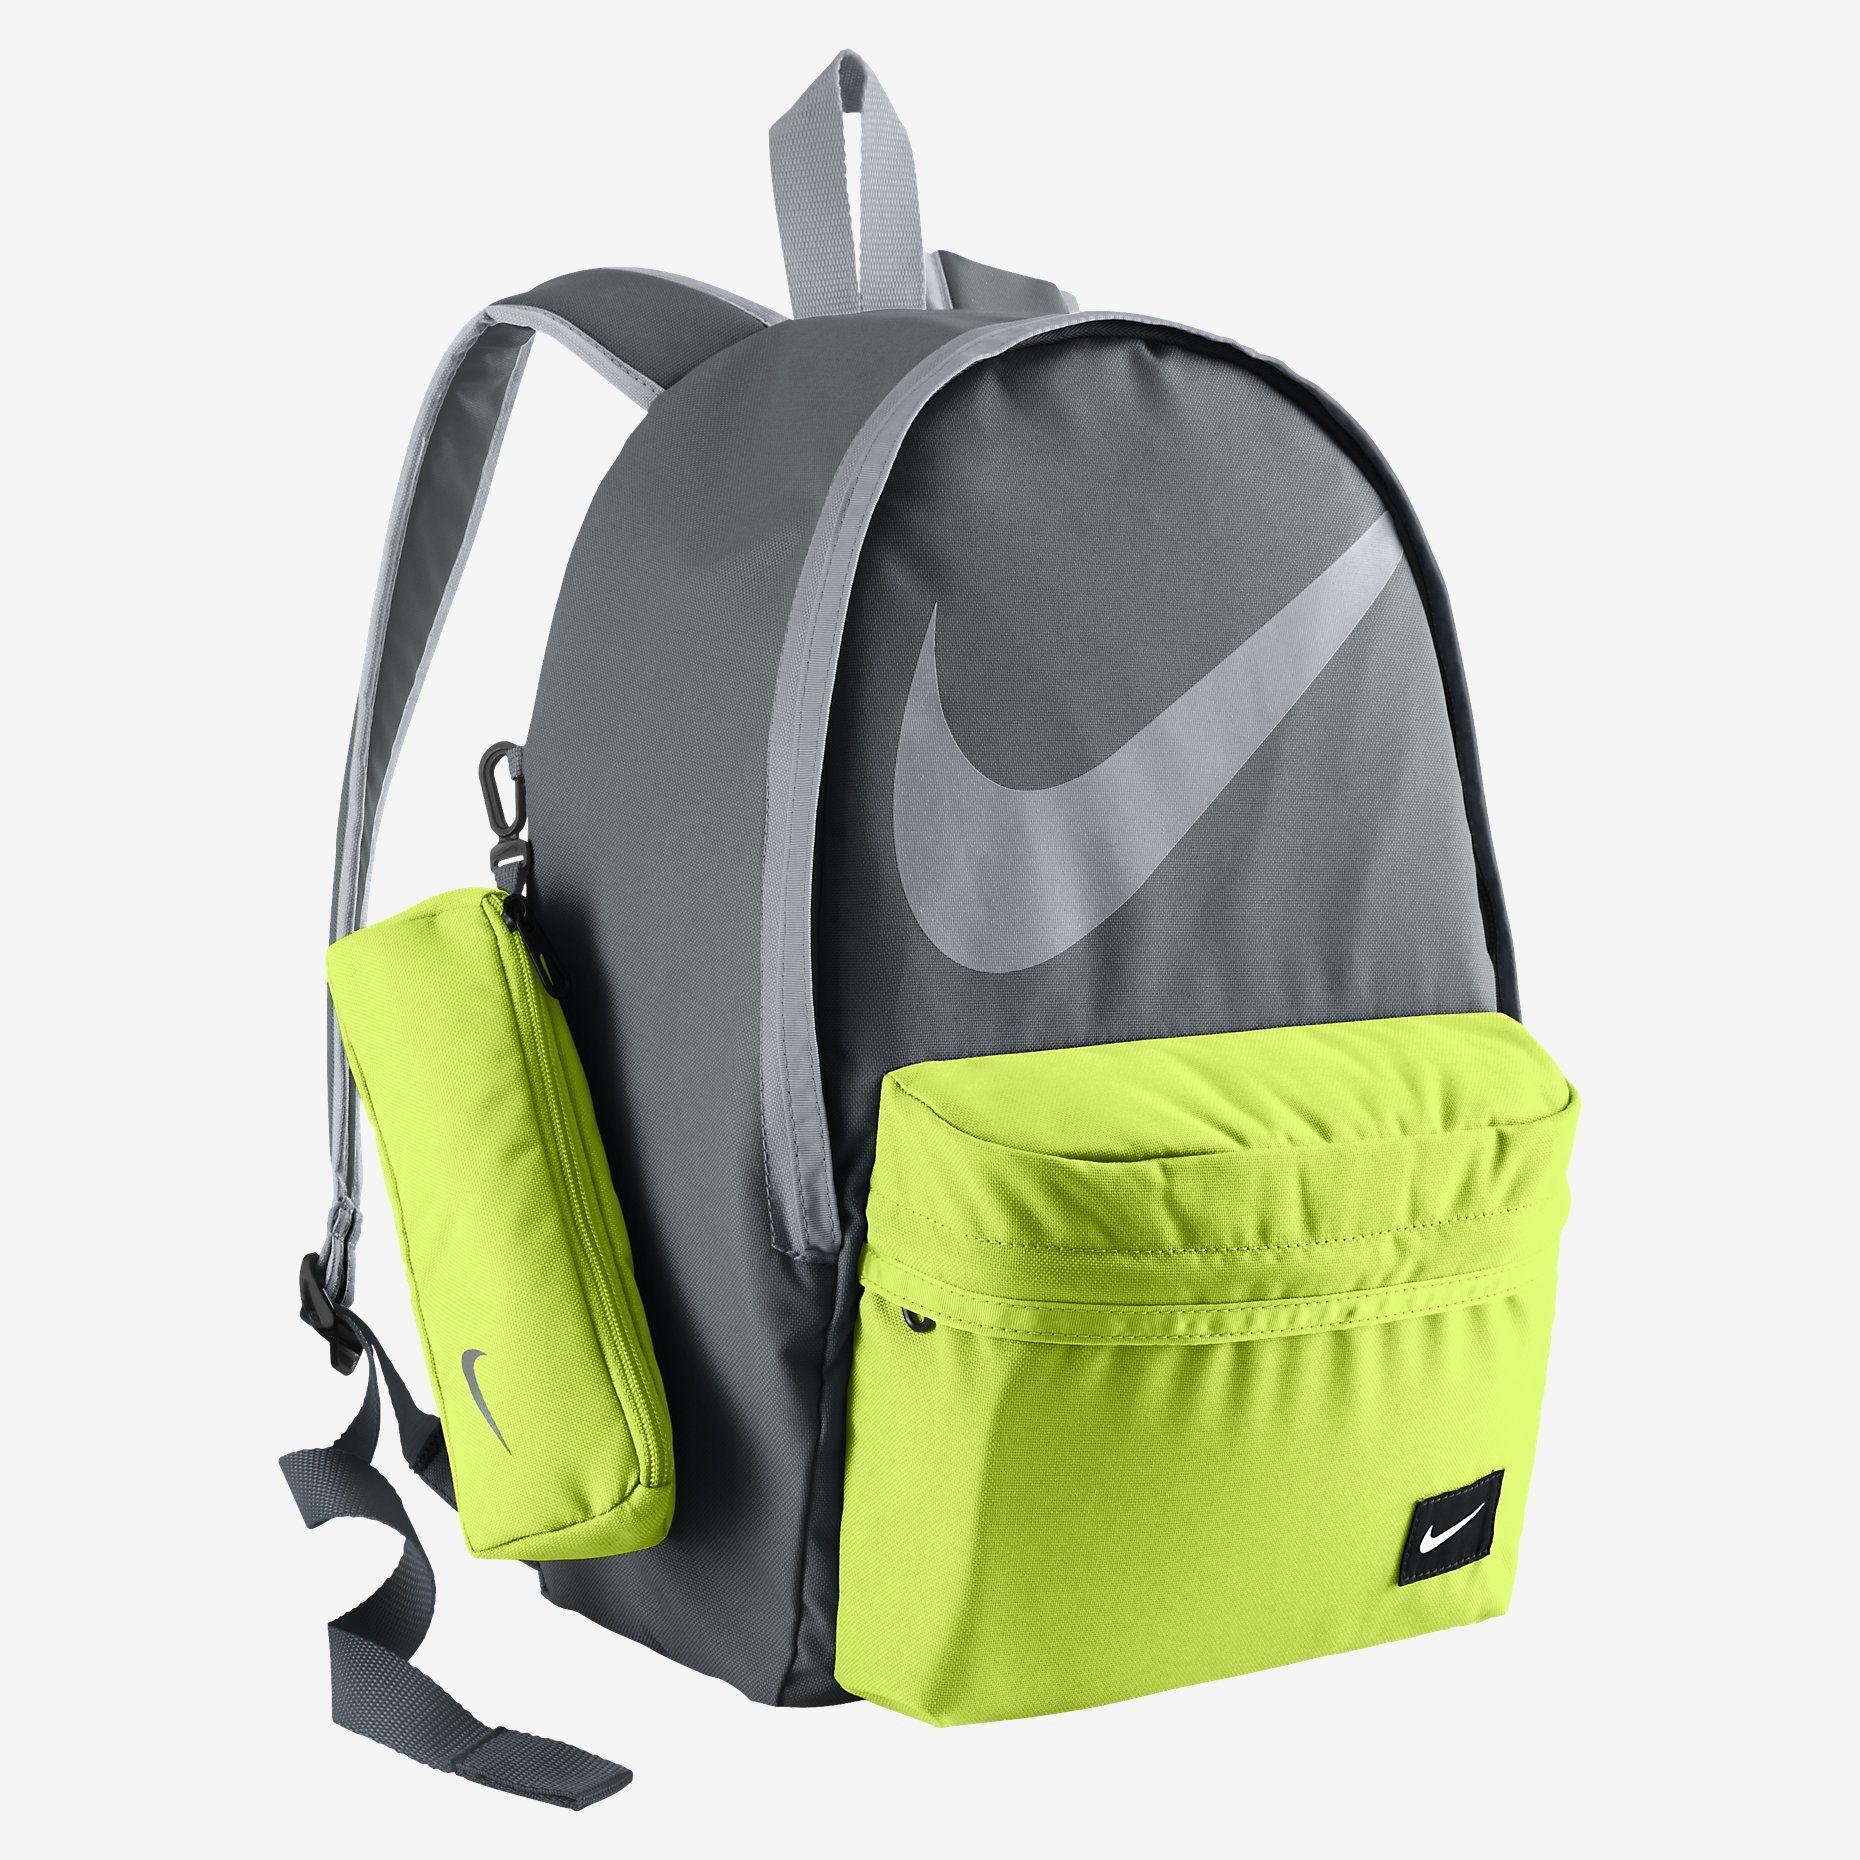 nike school backpacks green